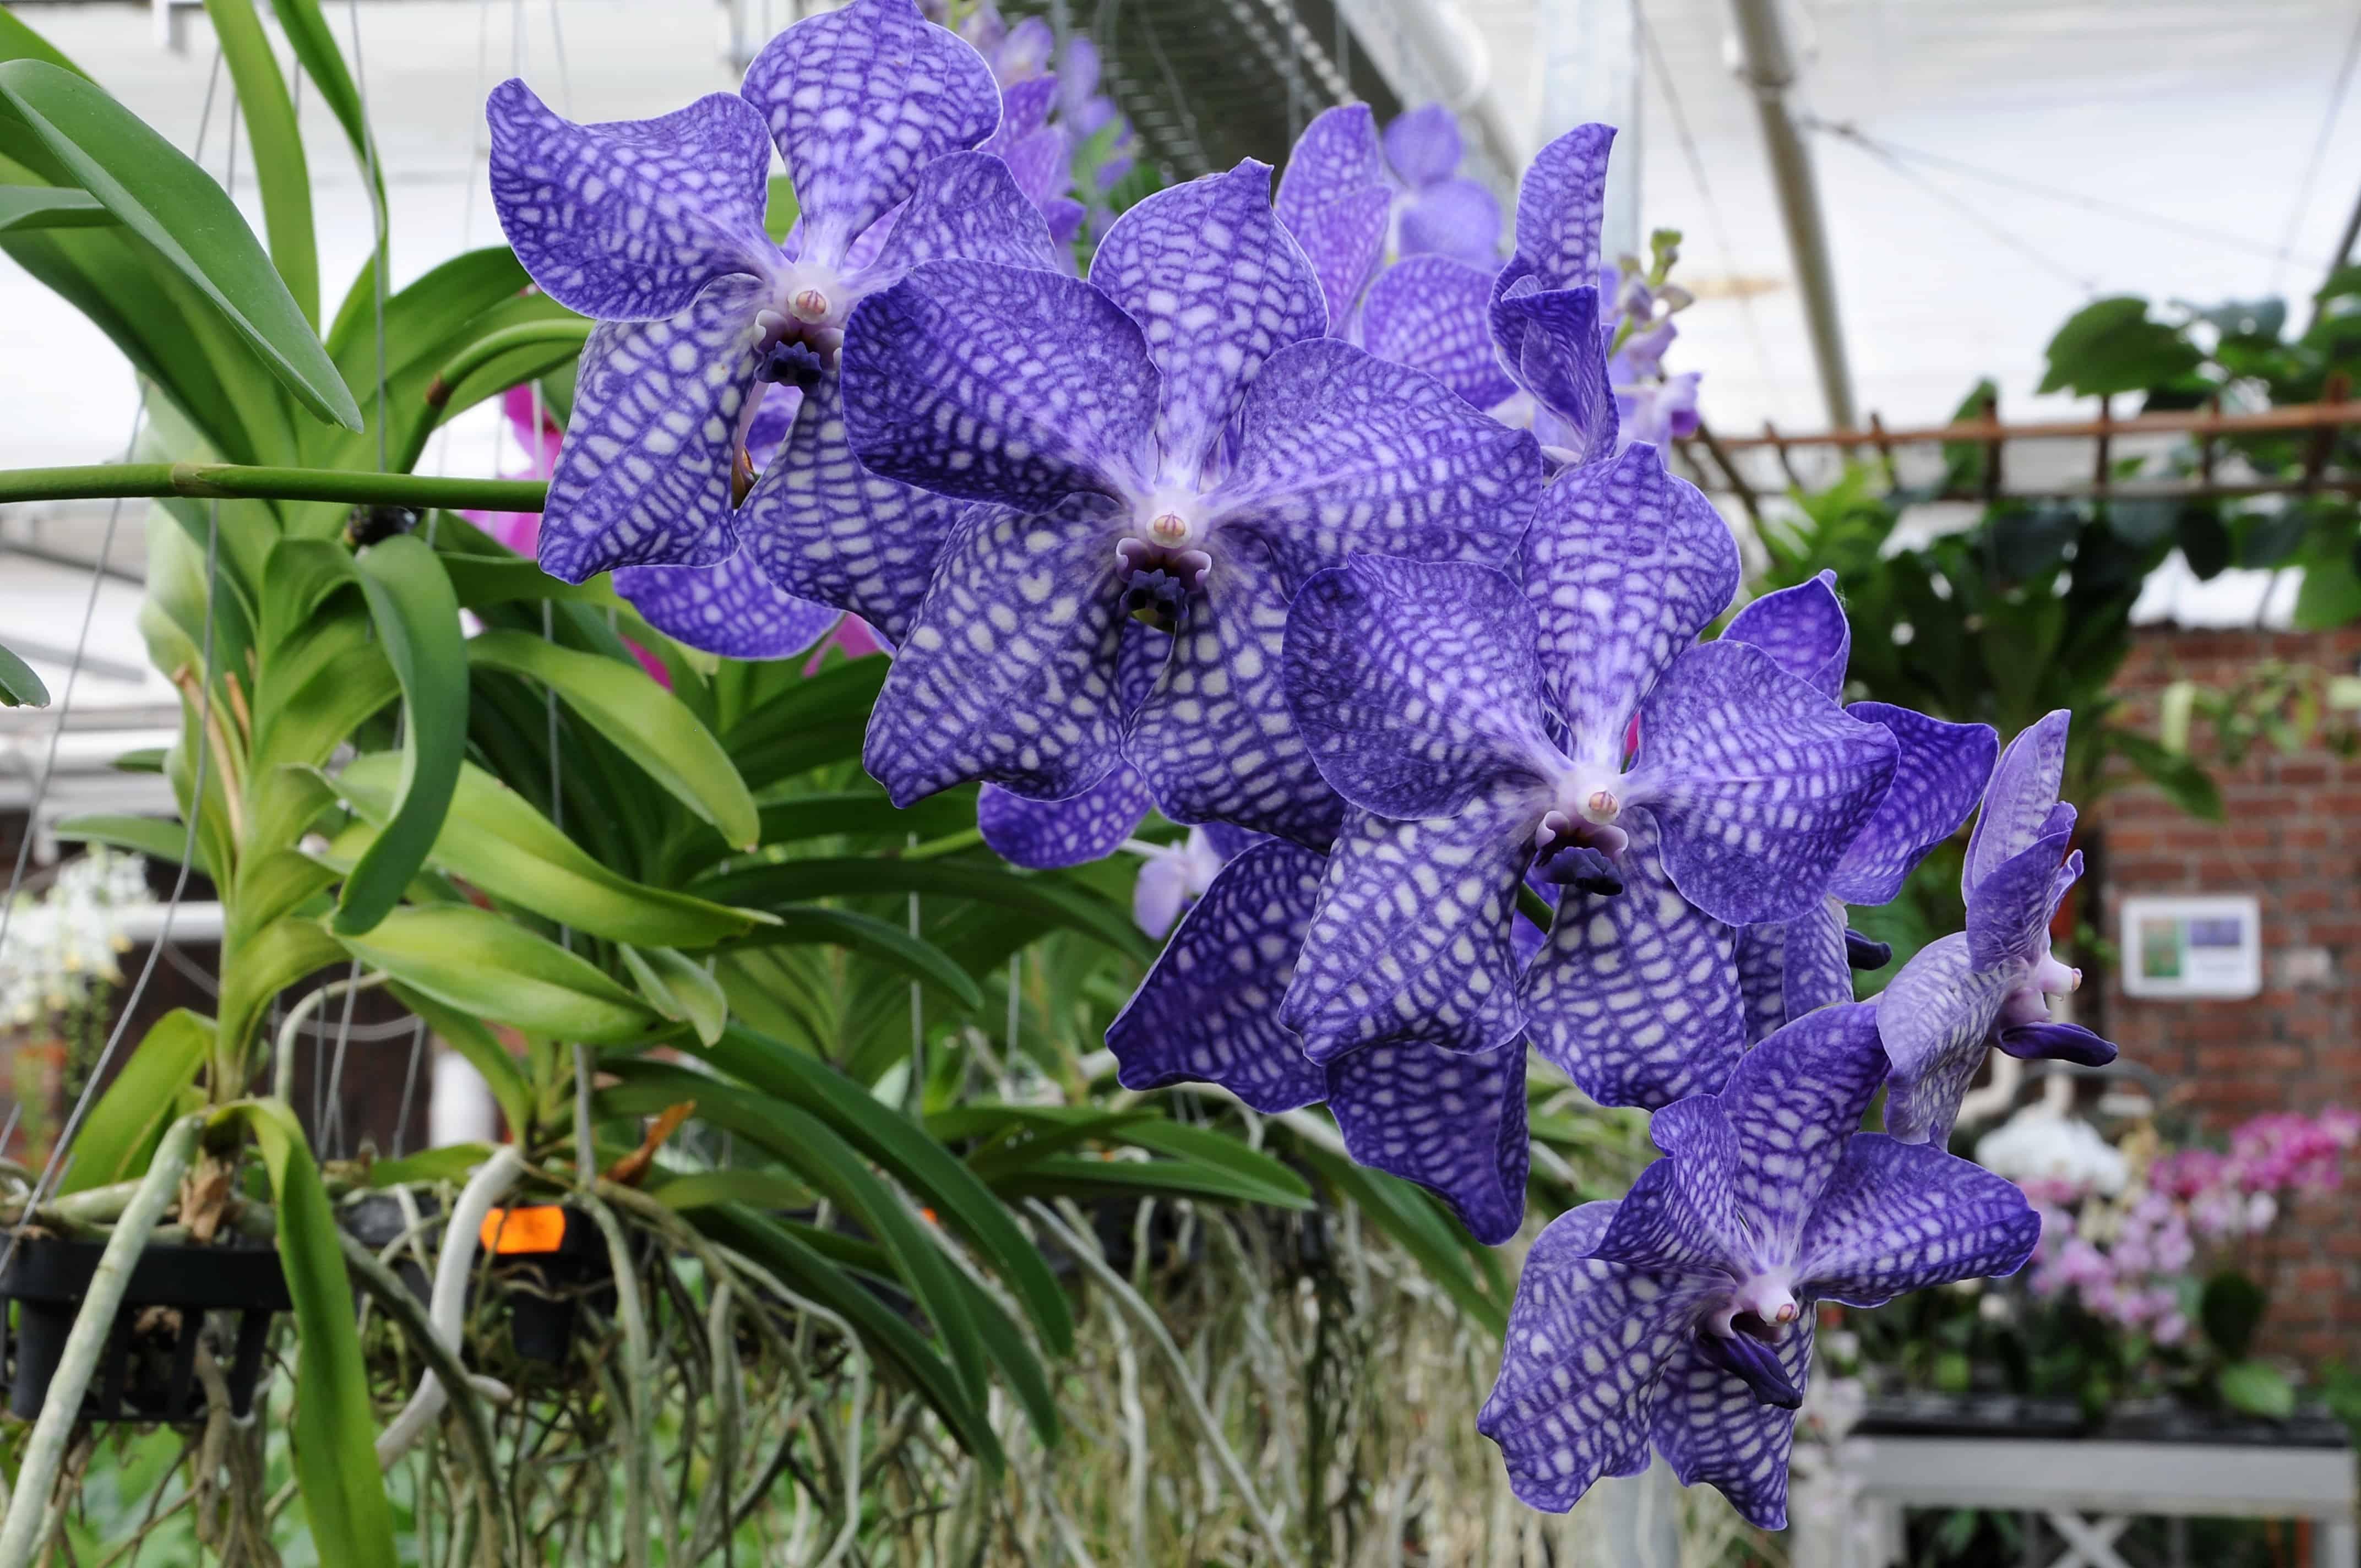 Orquídea Vanda coerulea é uma raridade na natureza e muito cobiçada.